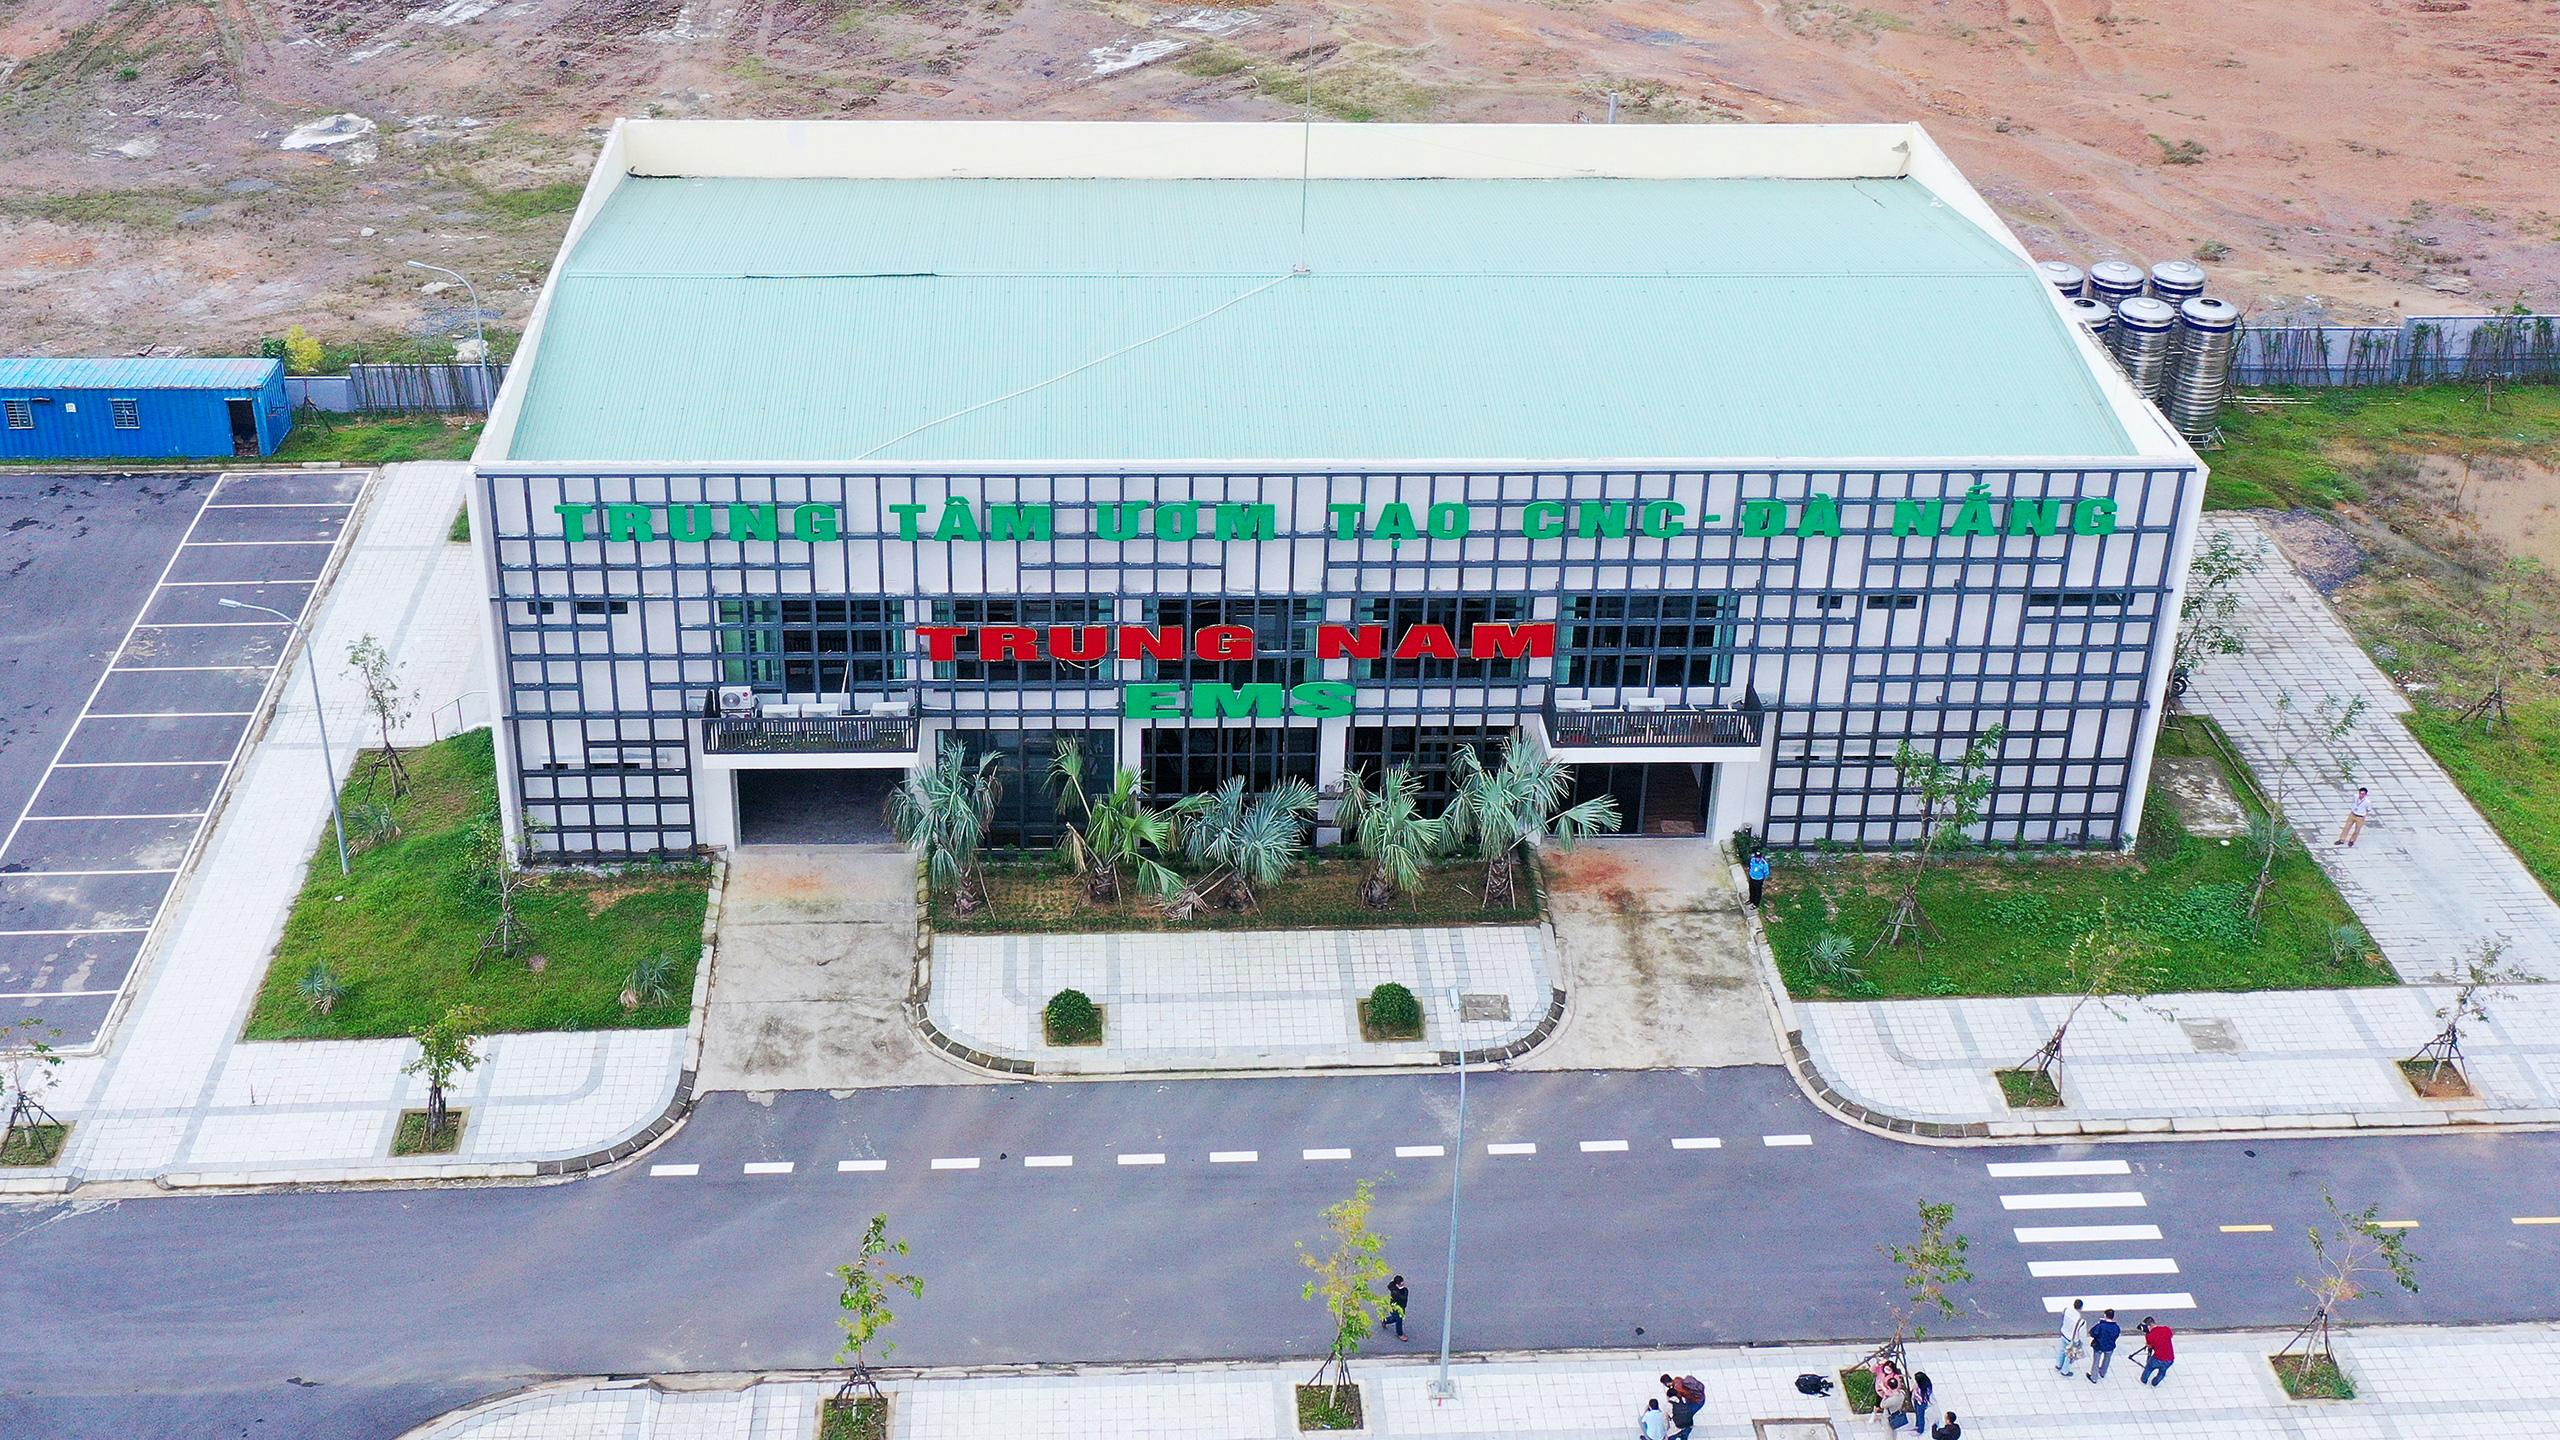 Gần 30 doanh nghiệp Hàn Quốc tìm kiếm cơ hội đầu tư tại 'thung lũng Silicon Đà Nẵng' - Ảnh 3.